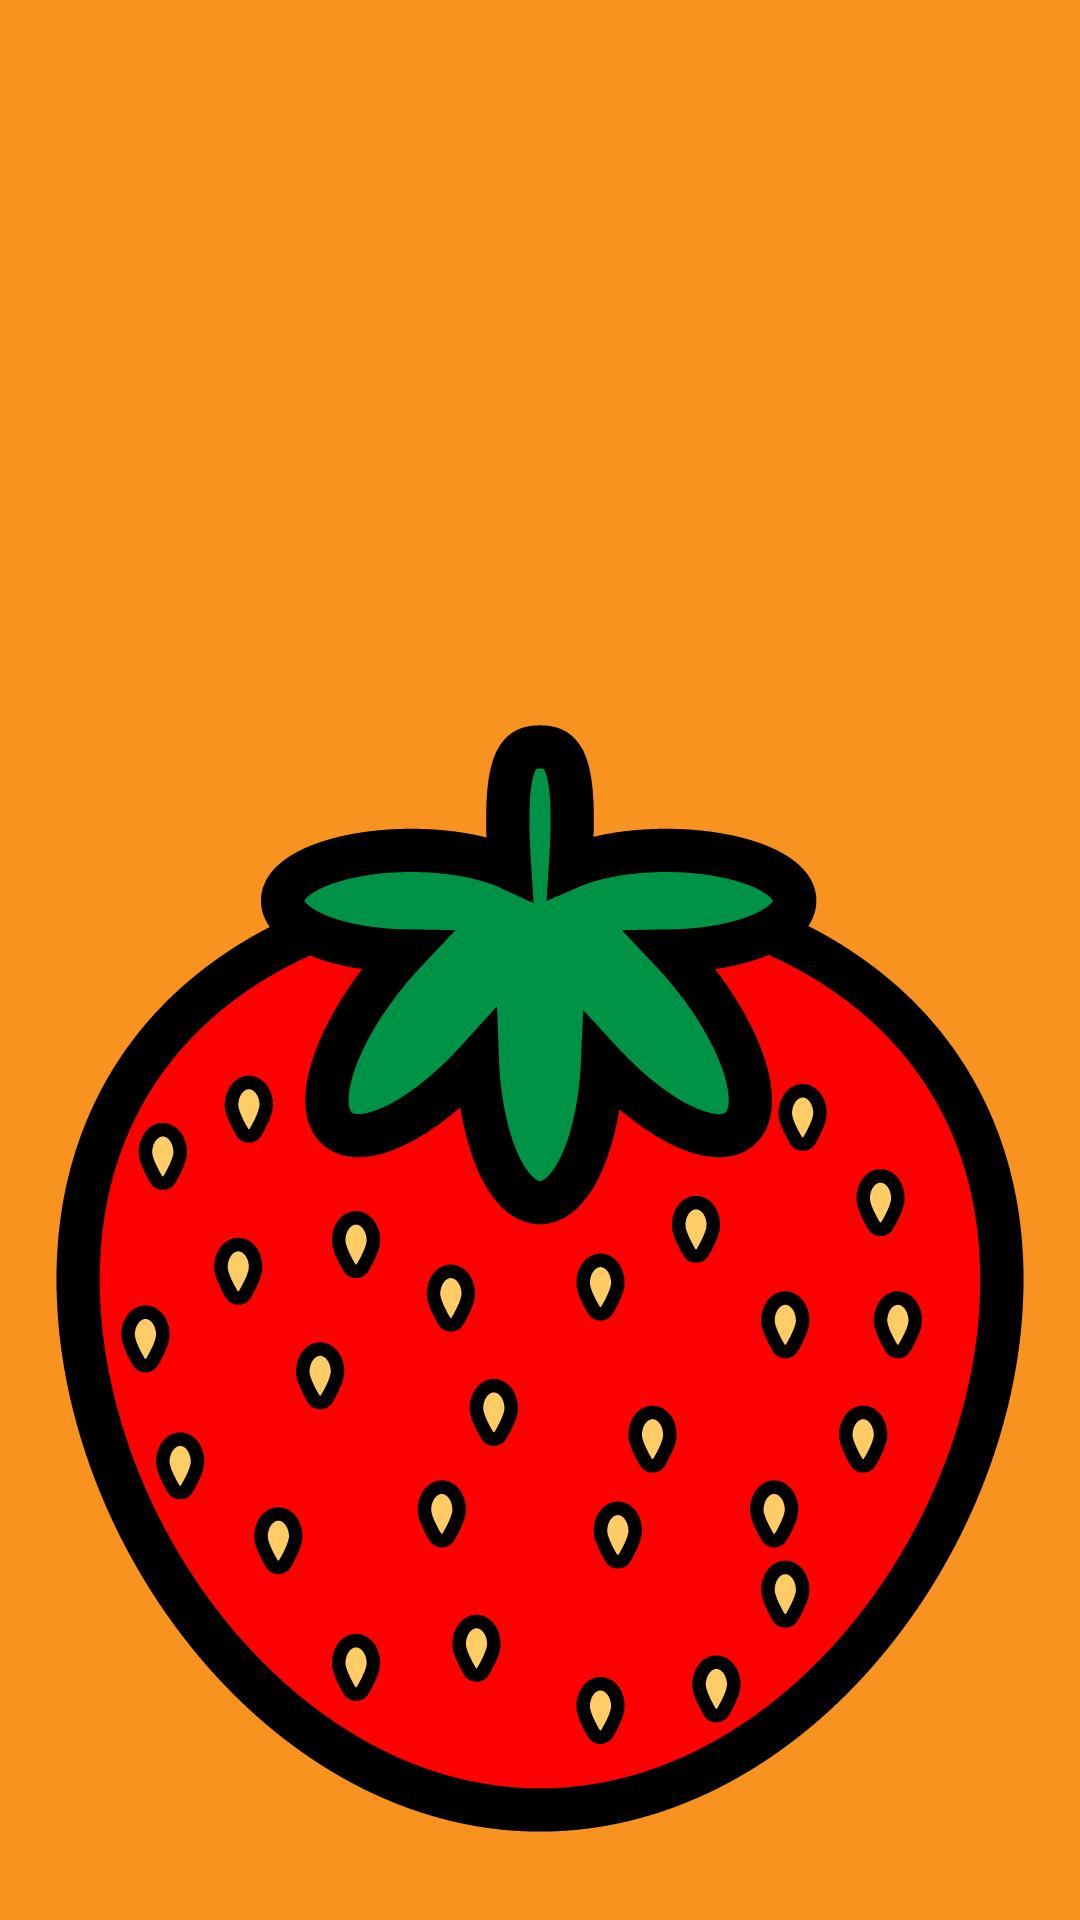 かわいいイチゴ壁紙(iPhone)の無料イラスト・商用フリー